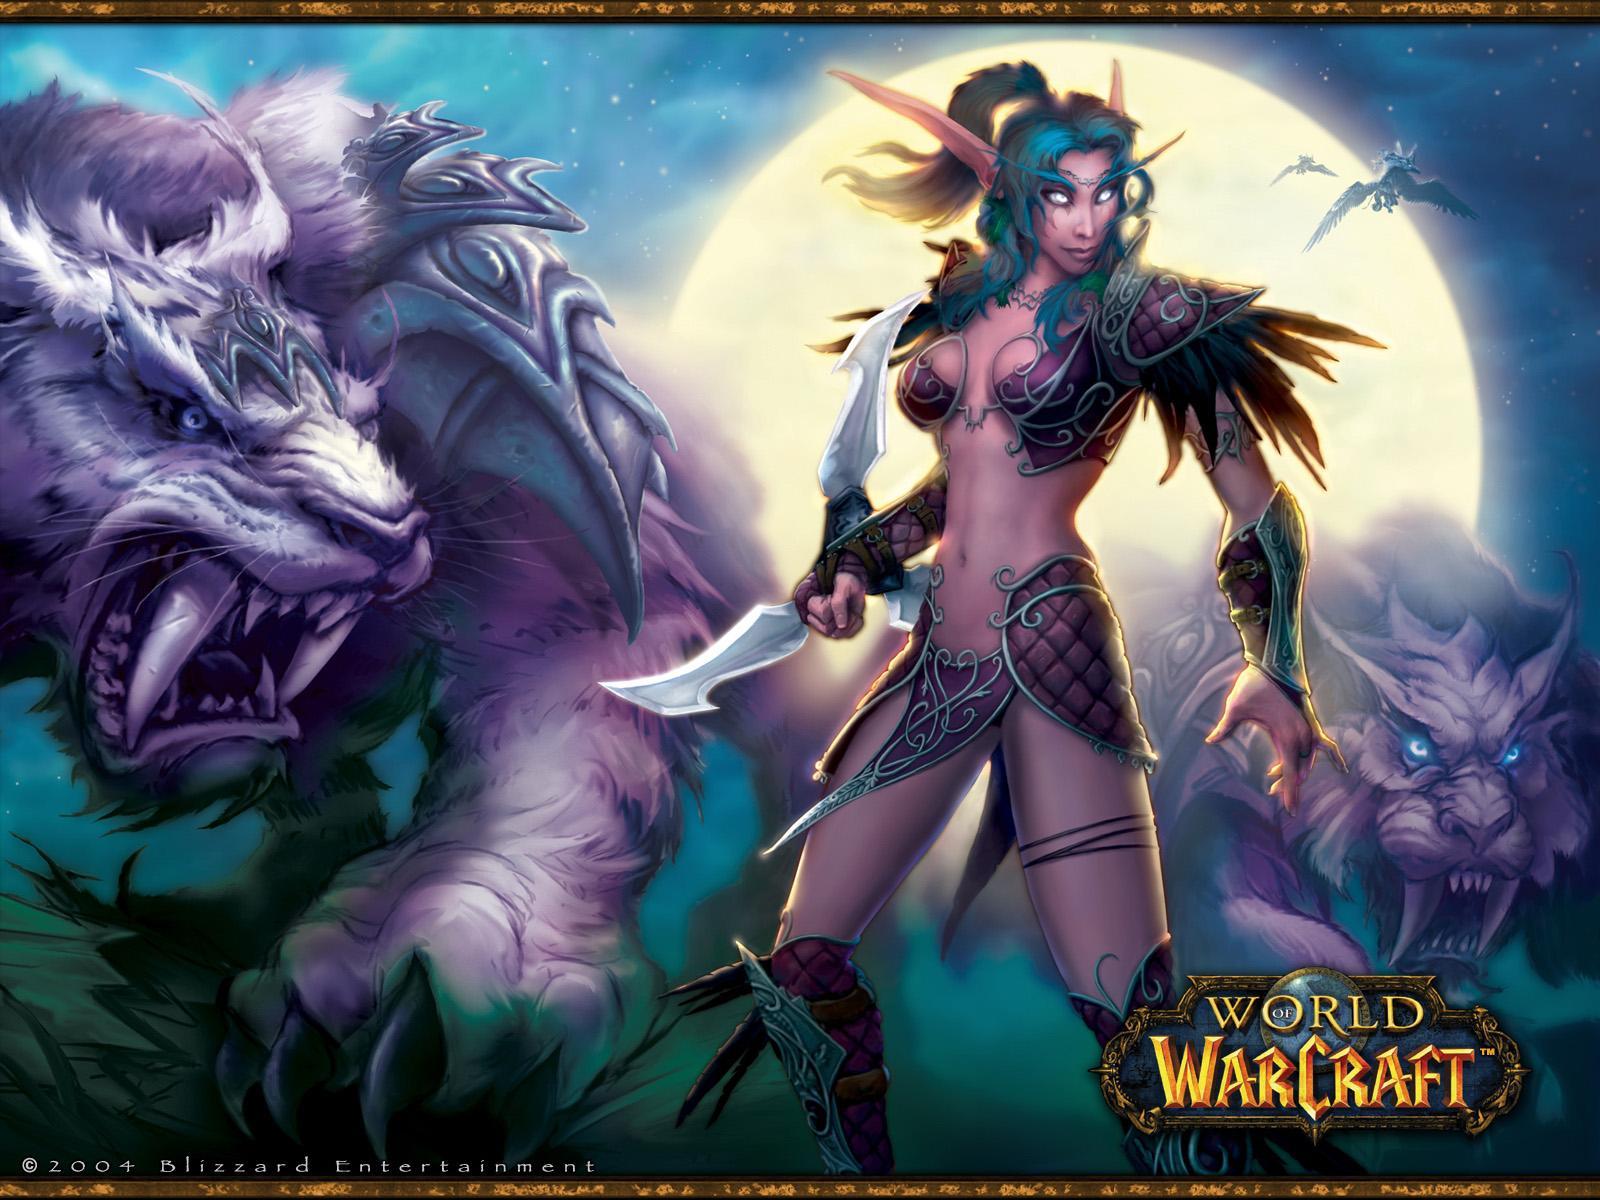 World of Warcraft - Page 2 World_of_warcraft_89